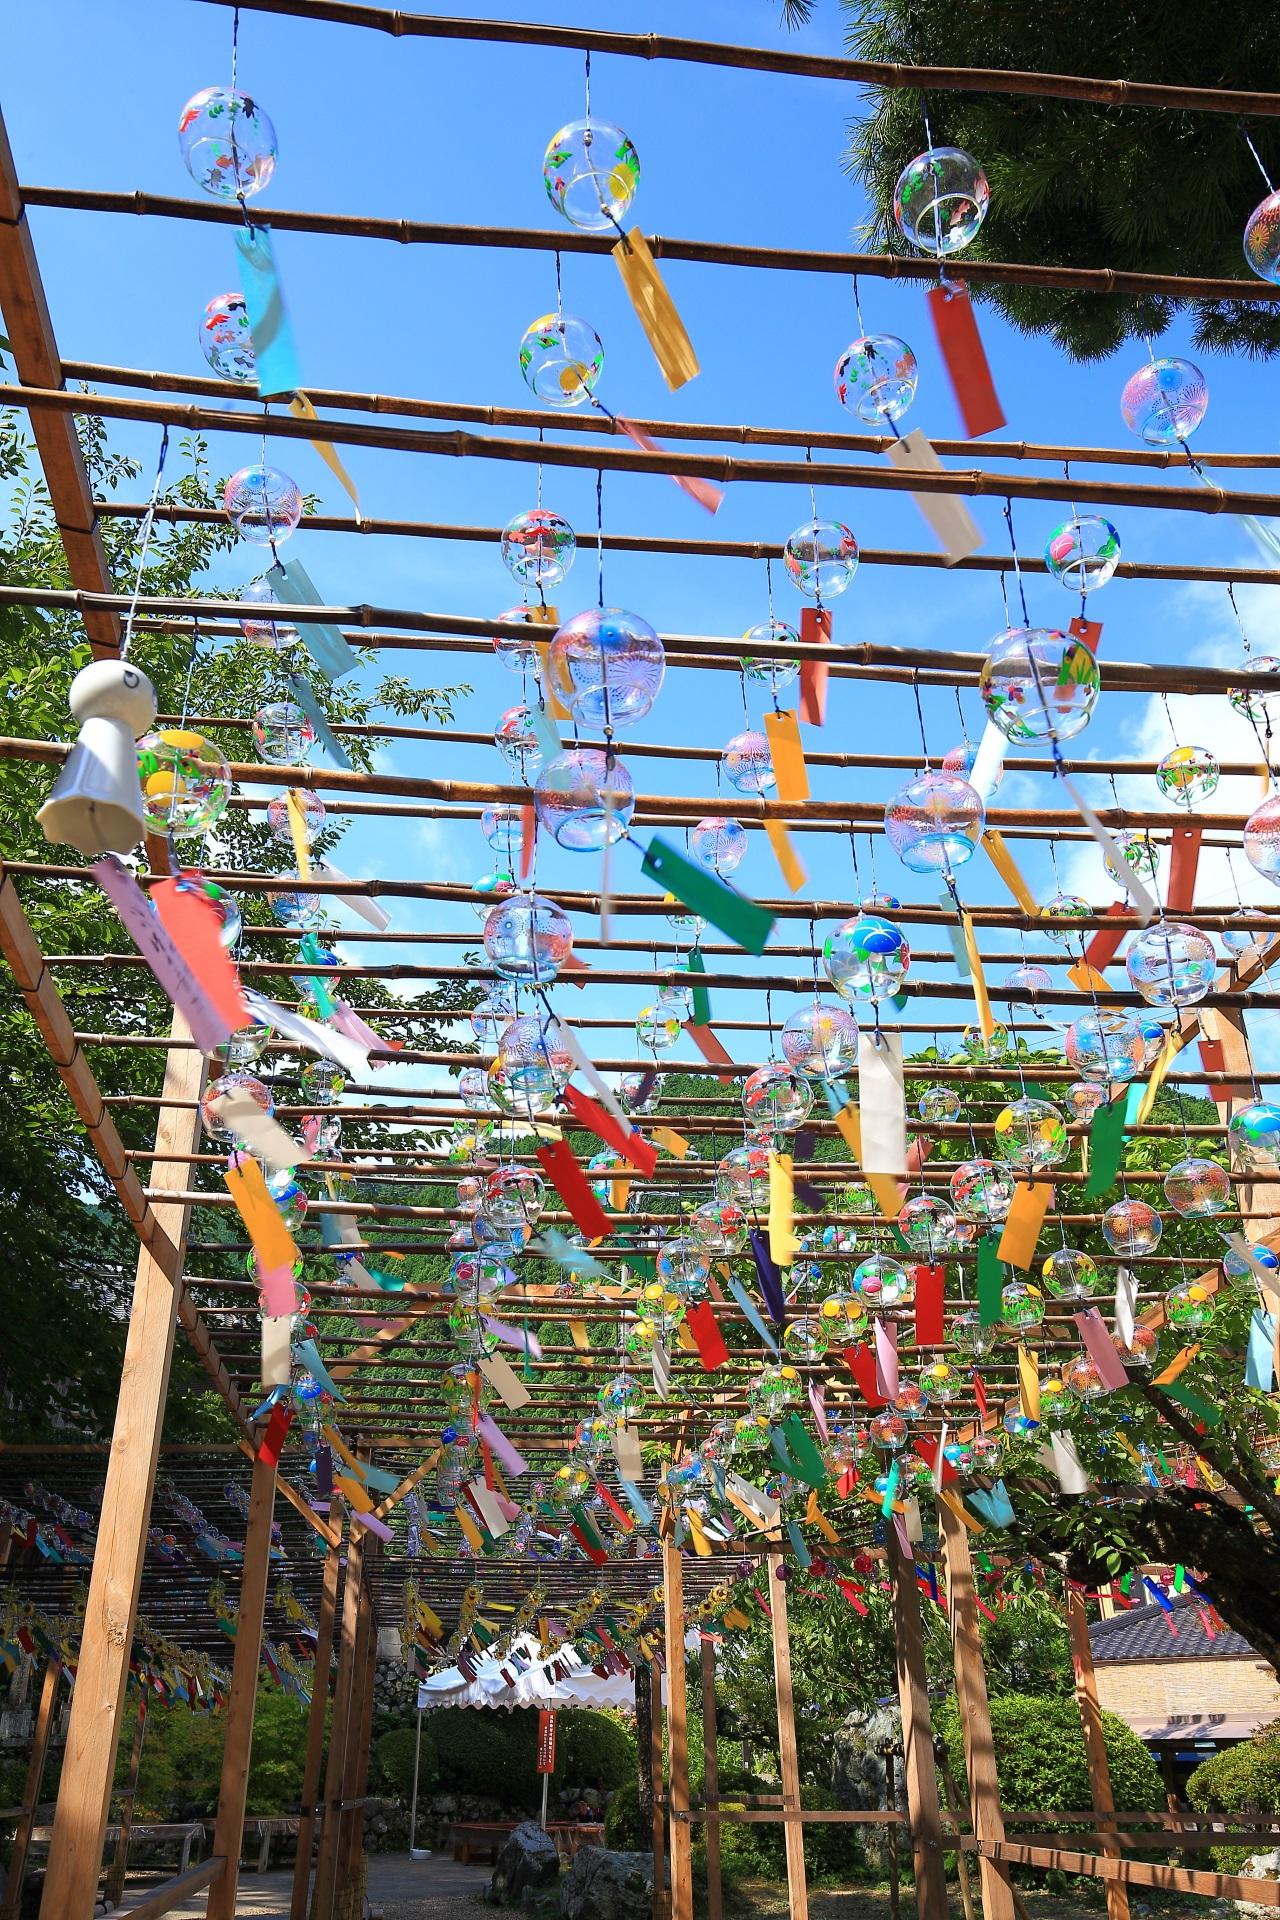 風が強めに吹けば涼しげを通り越して賑やかな音色を奏でる正寿院の風鈴